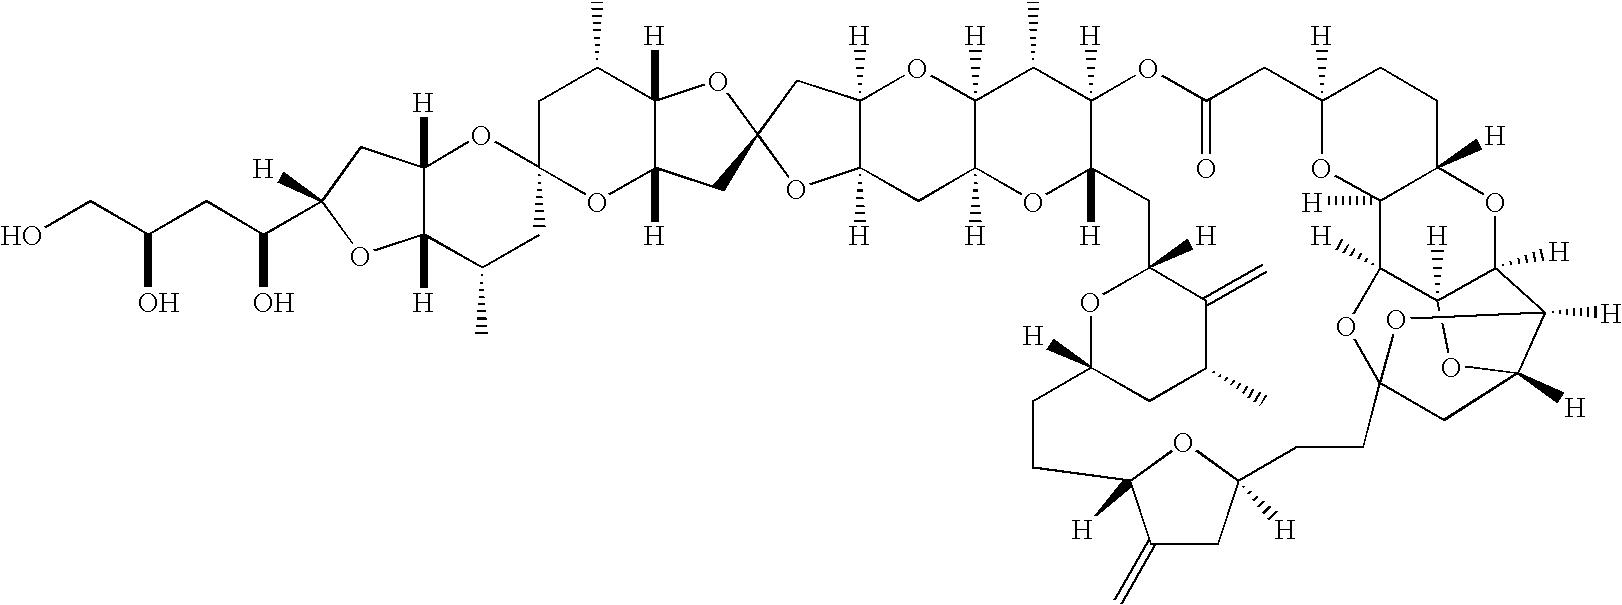 Figure US07173003-20070206-C00031